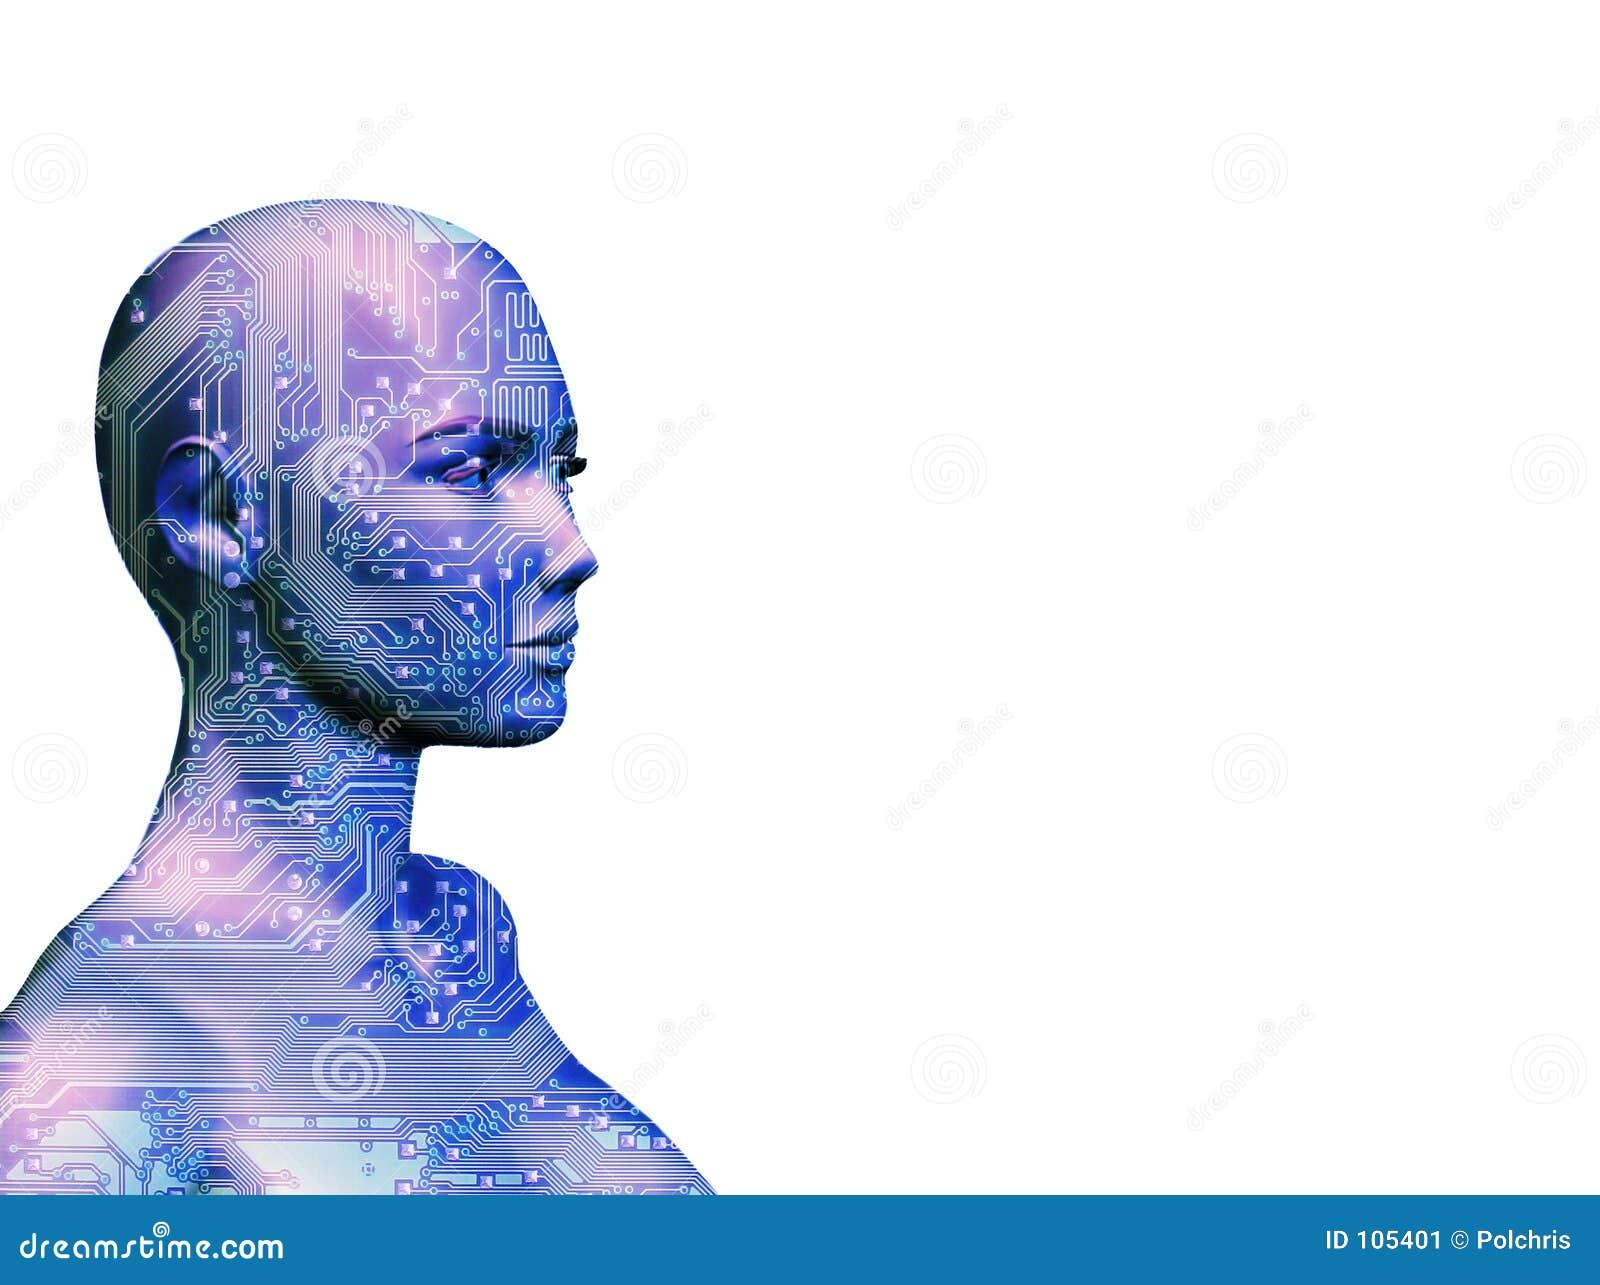 El azul de la máquina humana